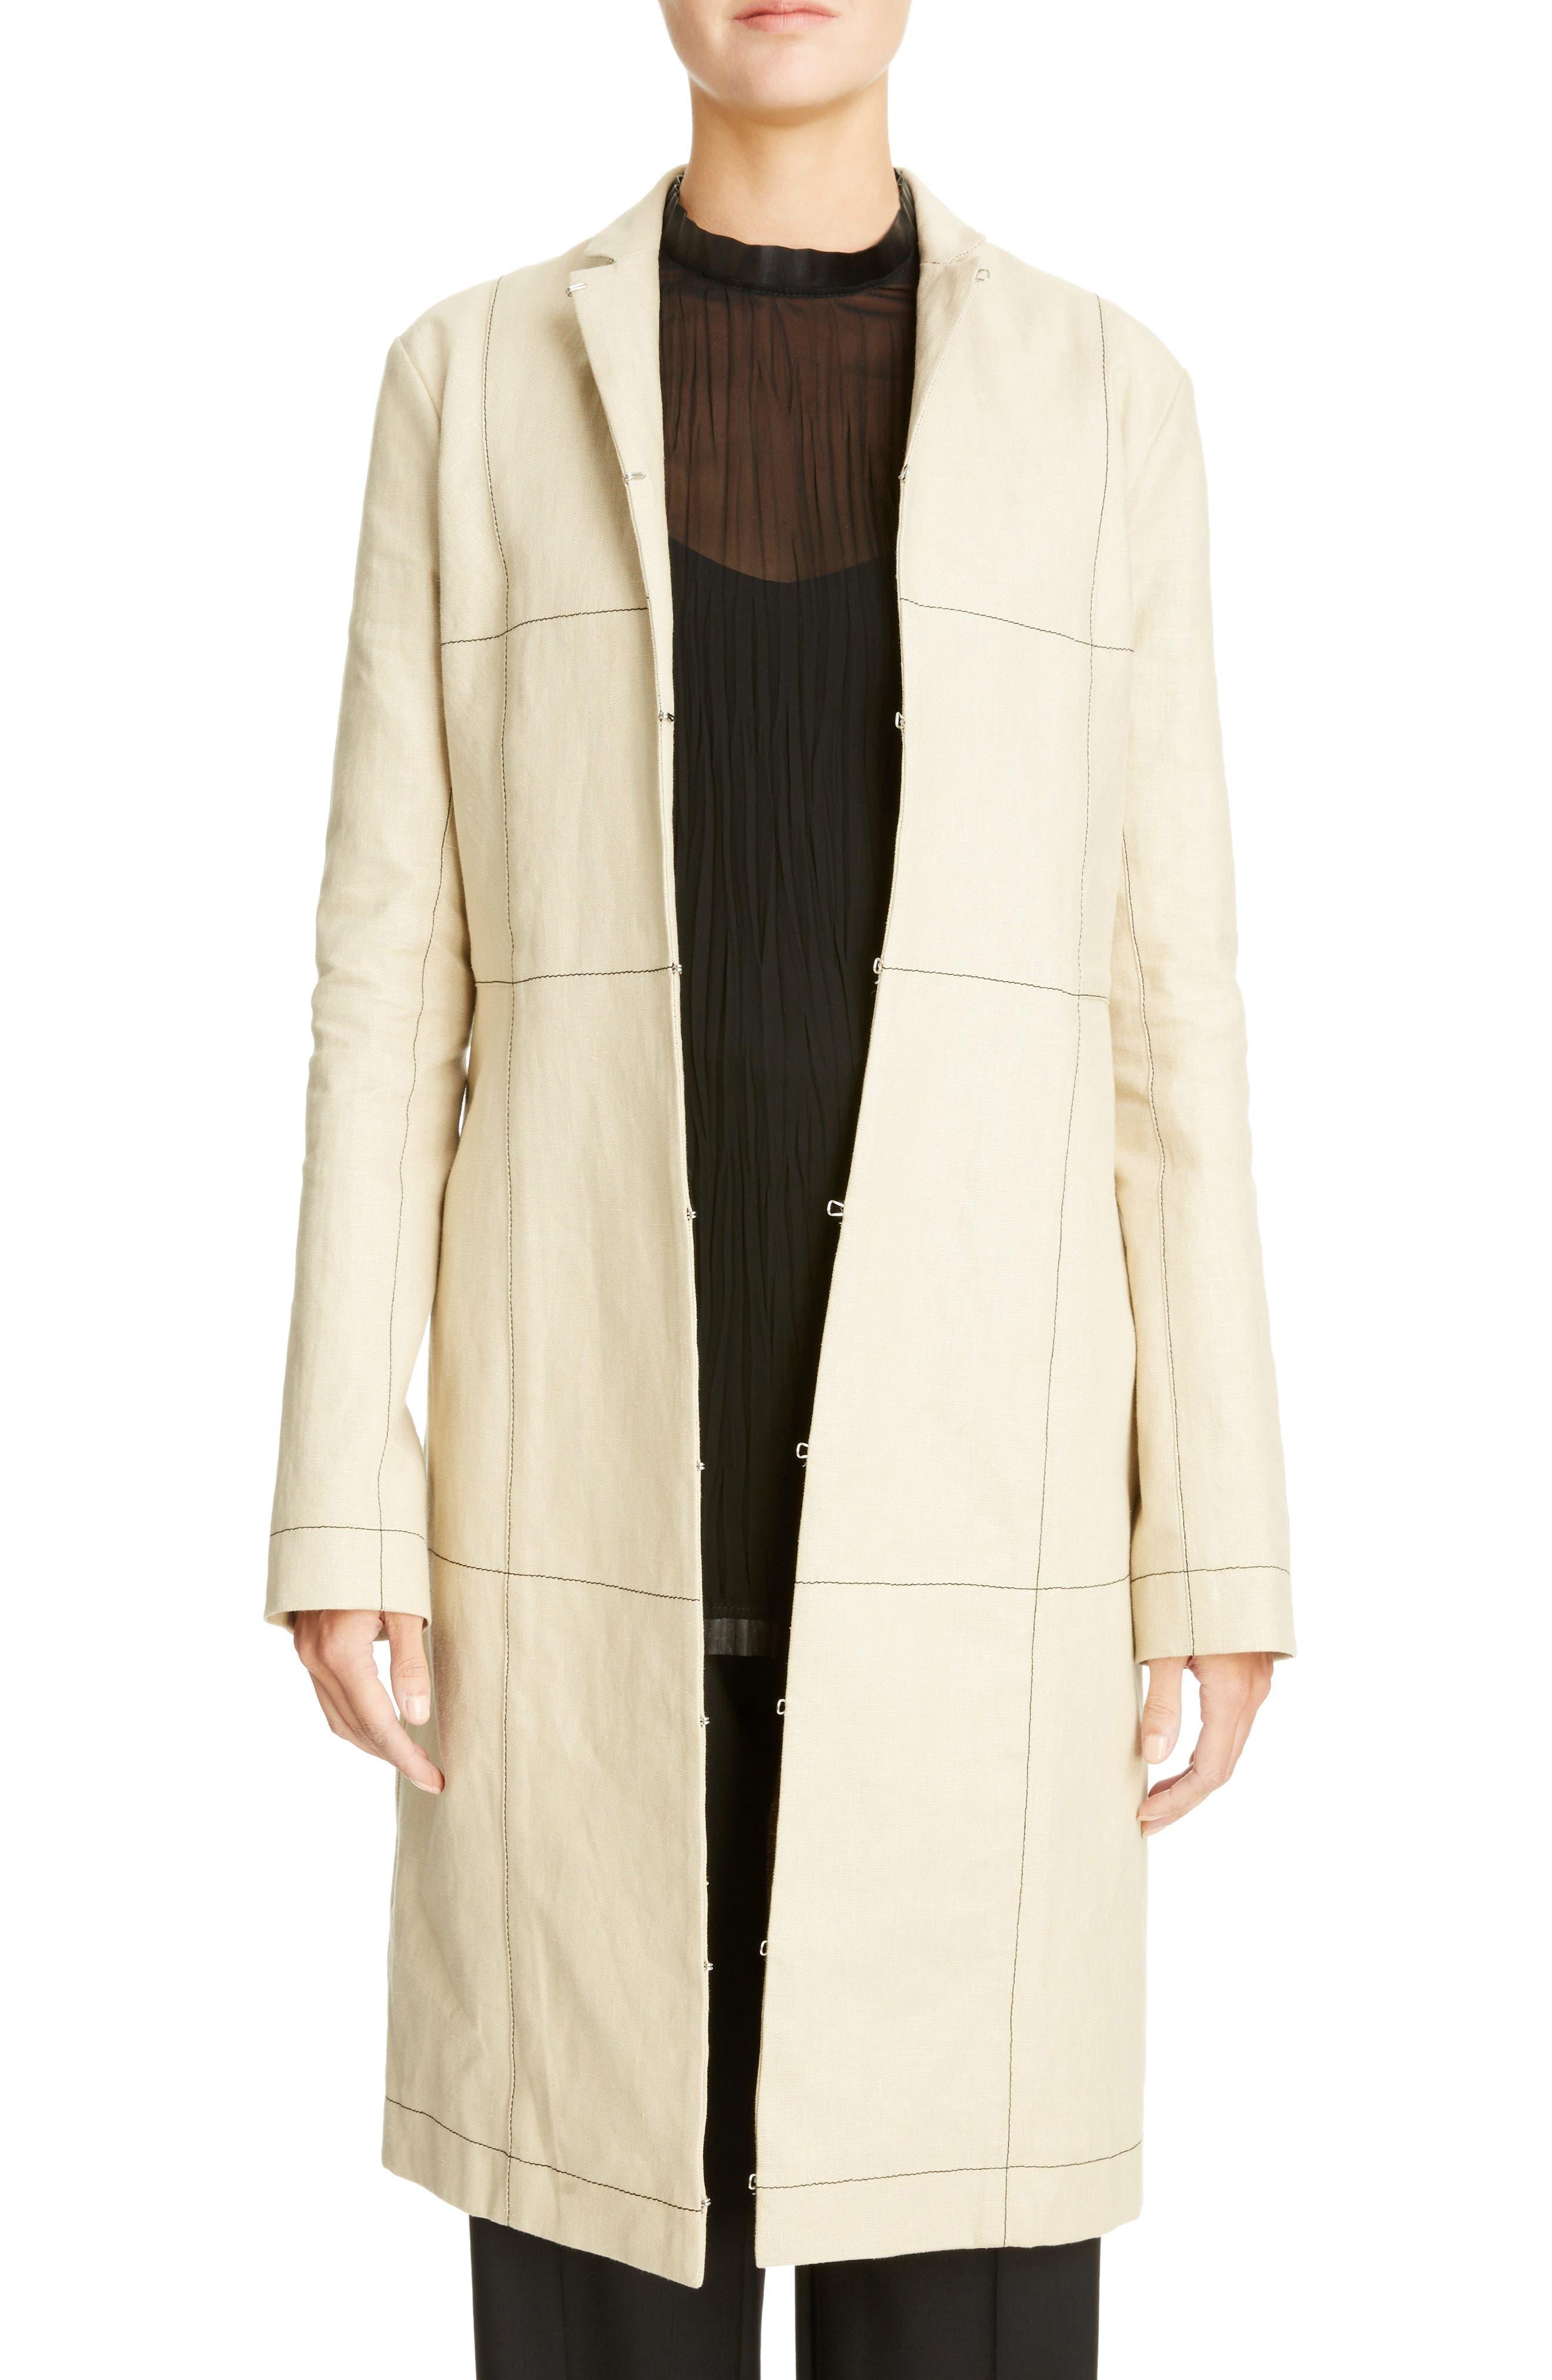 Topstitched Linen Coat,                         Main,                         color, 273